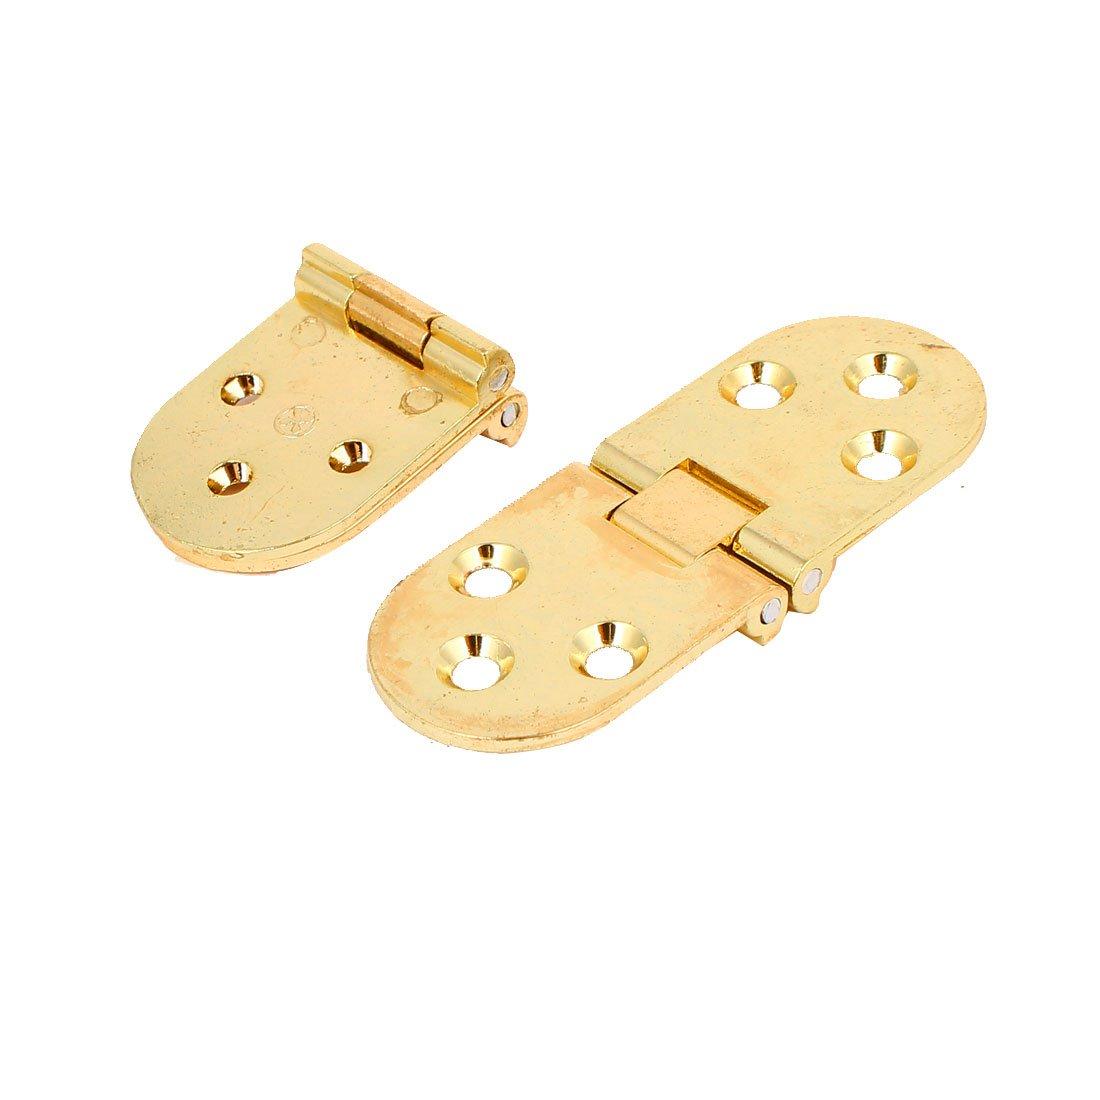 2 Stück 78mm x 29mm x 8mm Metall 180 Grad Kugellager Tür Scharnier Gold